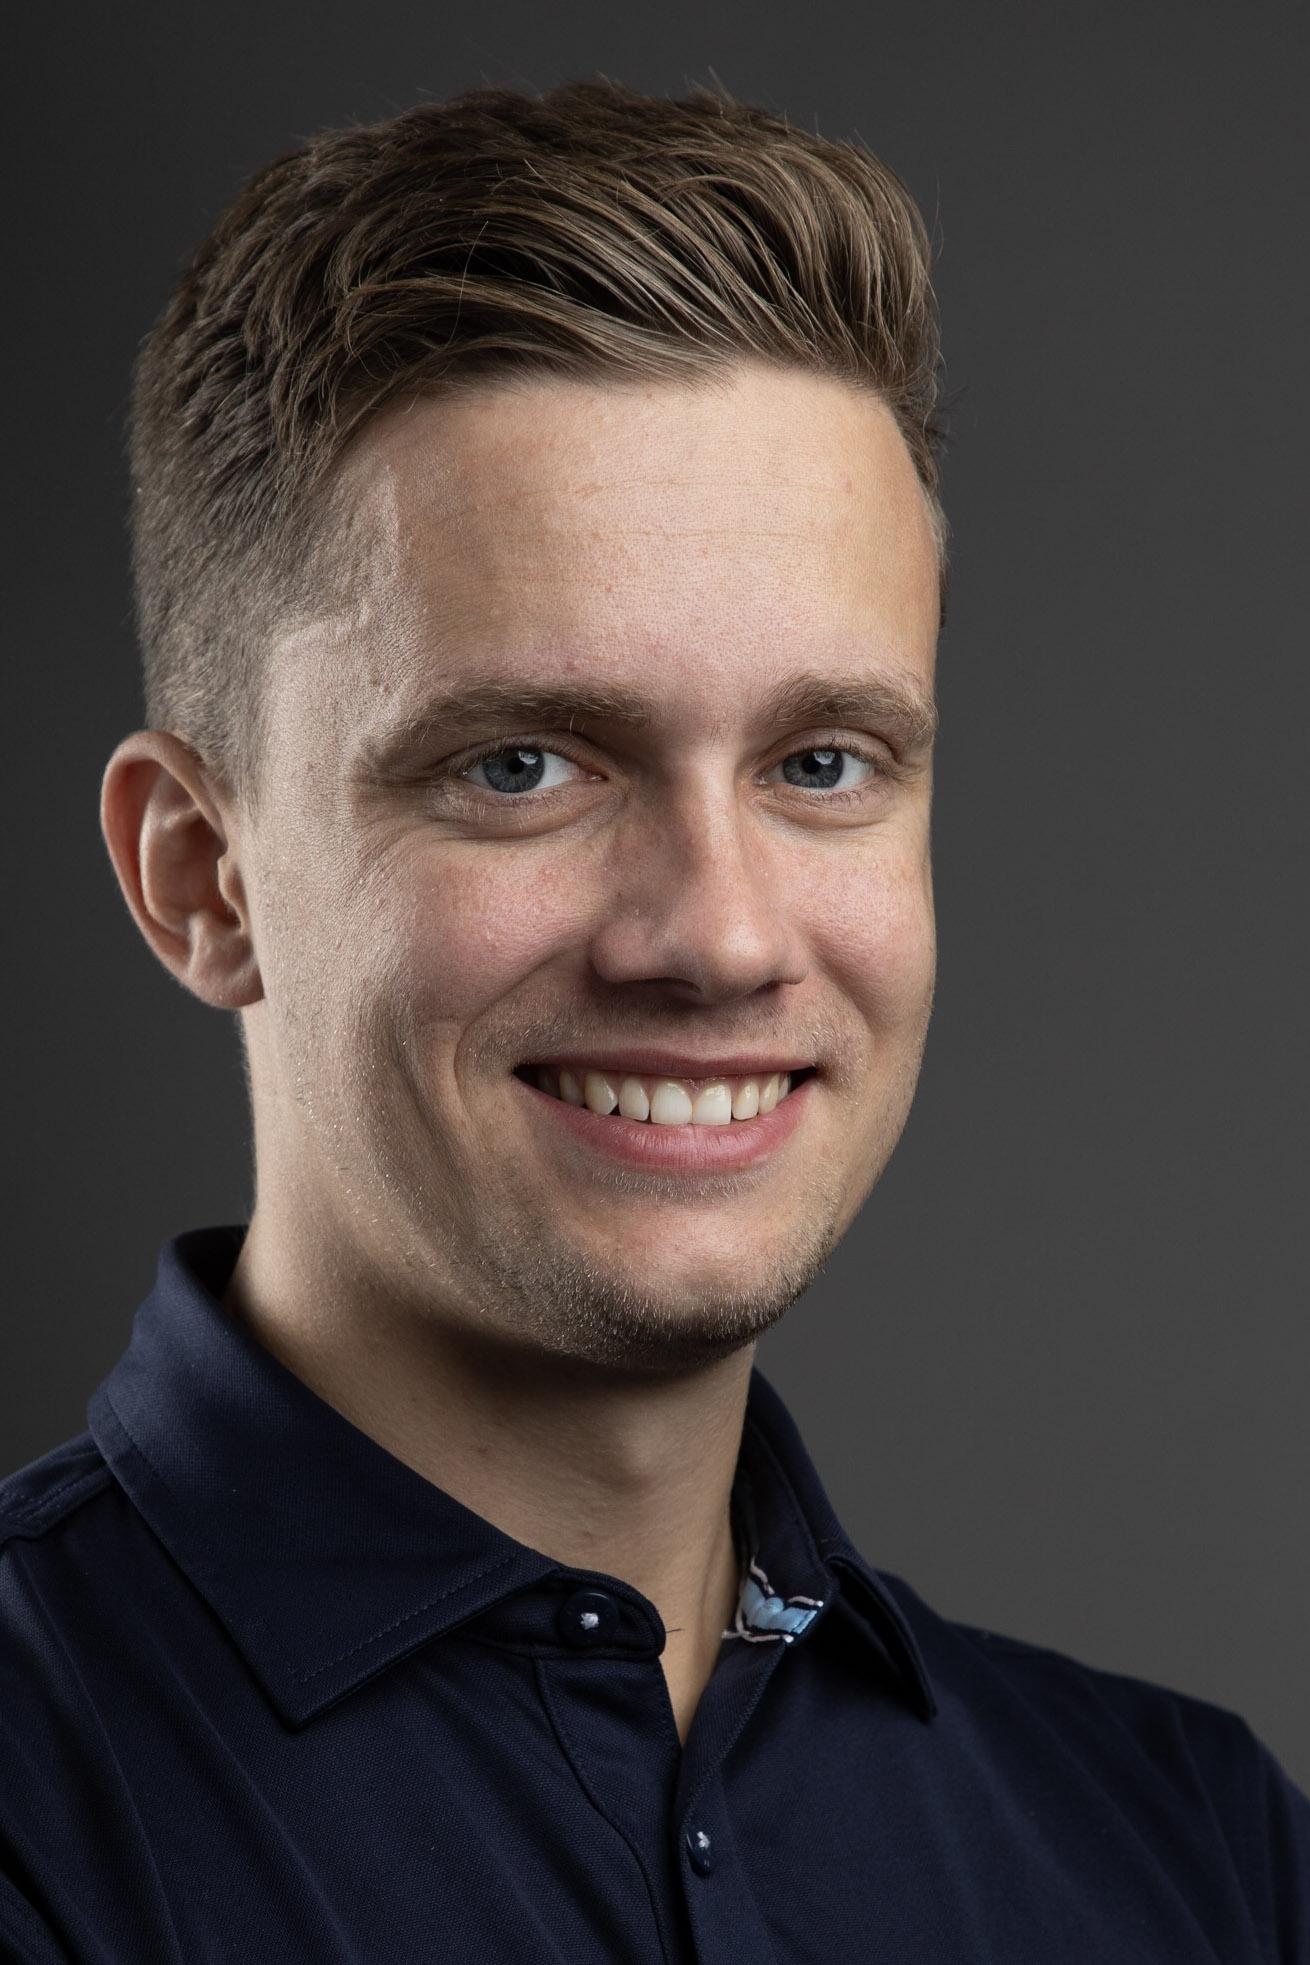 Marcus Ekelund